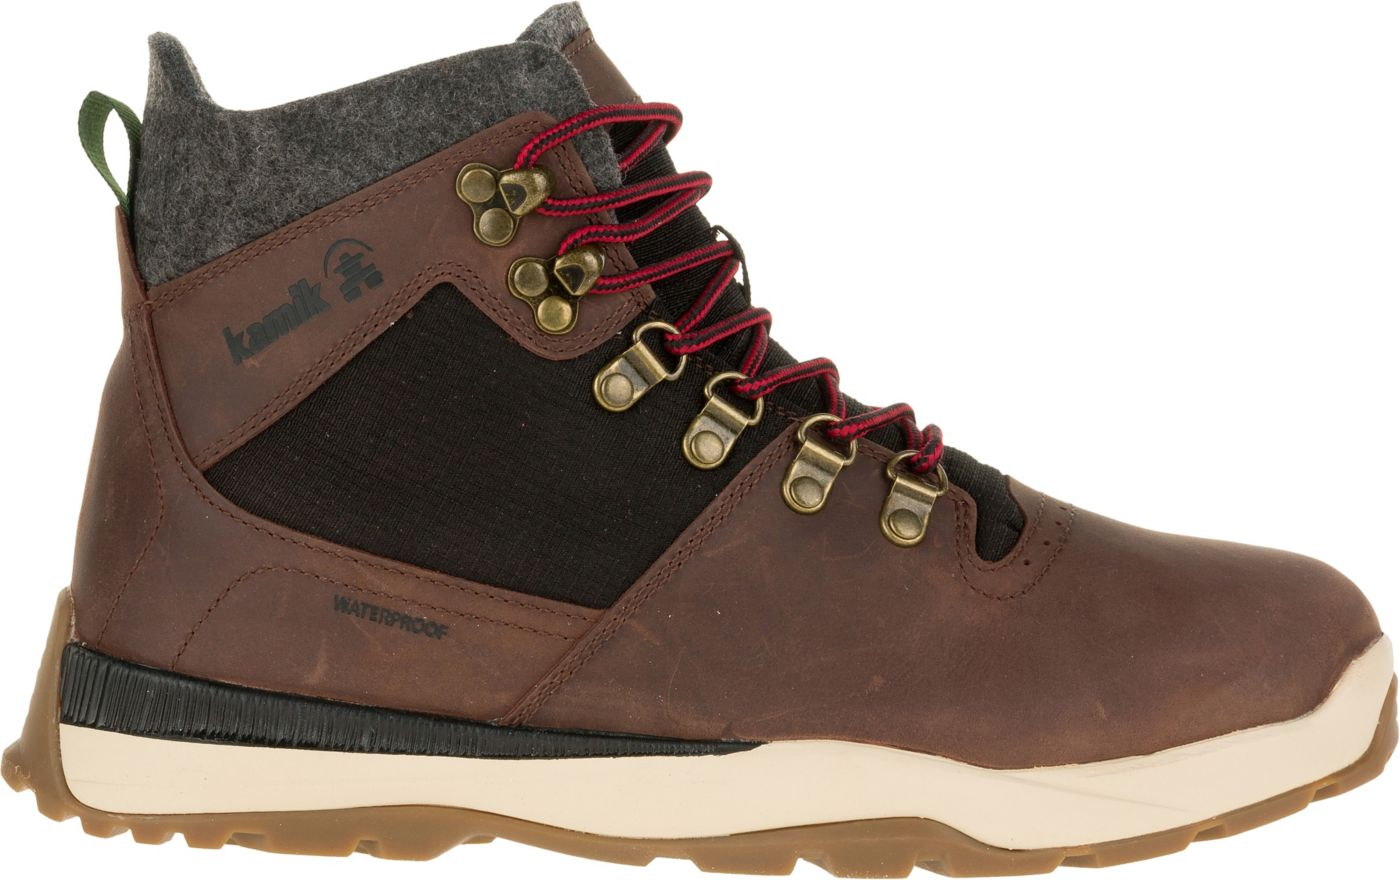 Kamik Men's Velox Waterproof Winter Boots